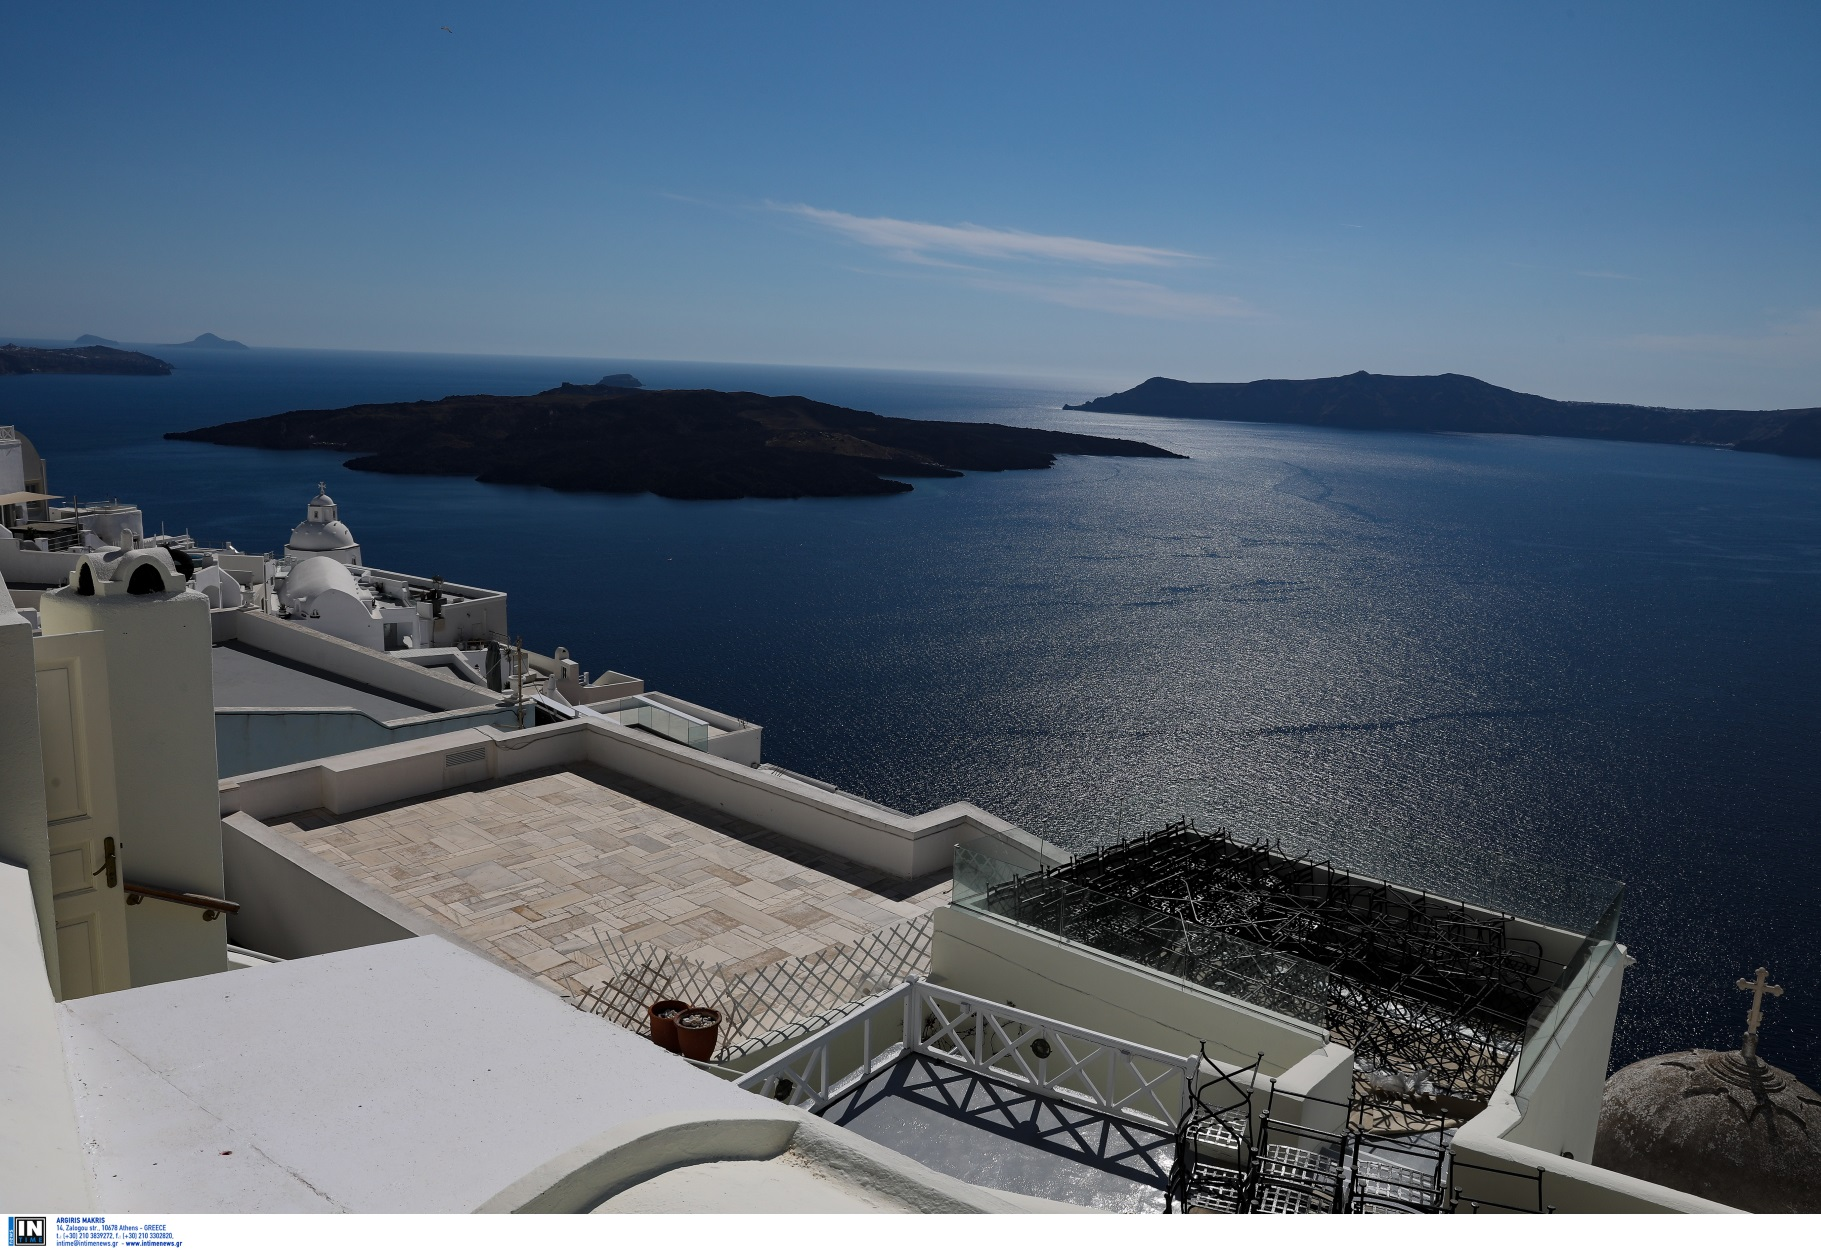 Υπουργείο Εργασίας: Νέα μέτρα στήριξης των εργαζομένων στον τουρισμό